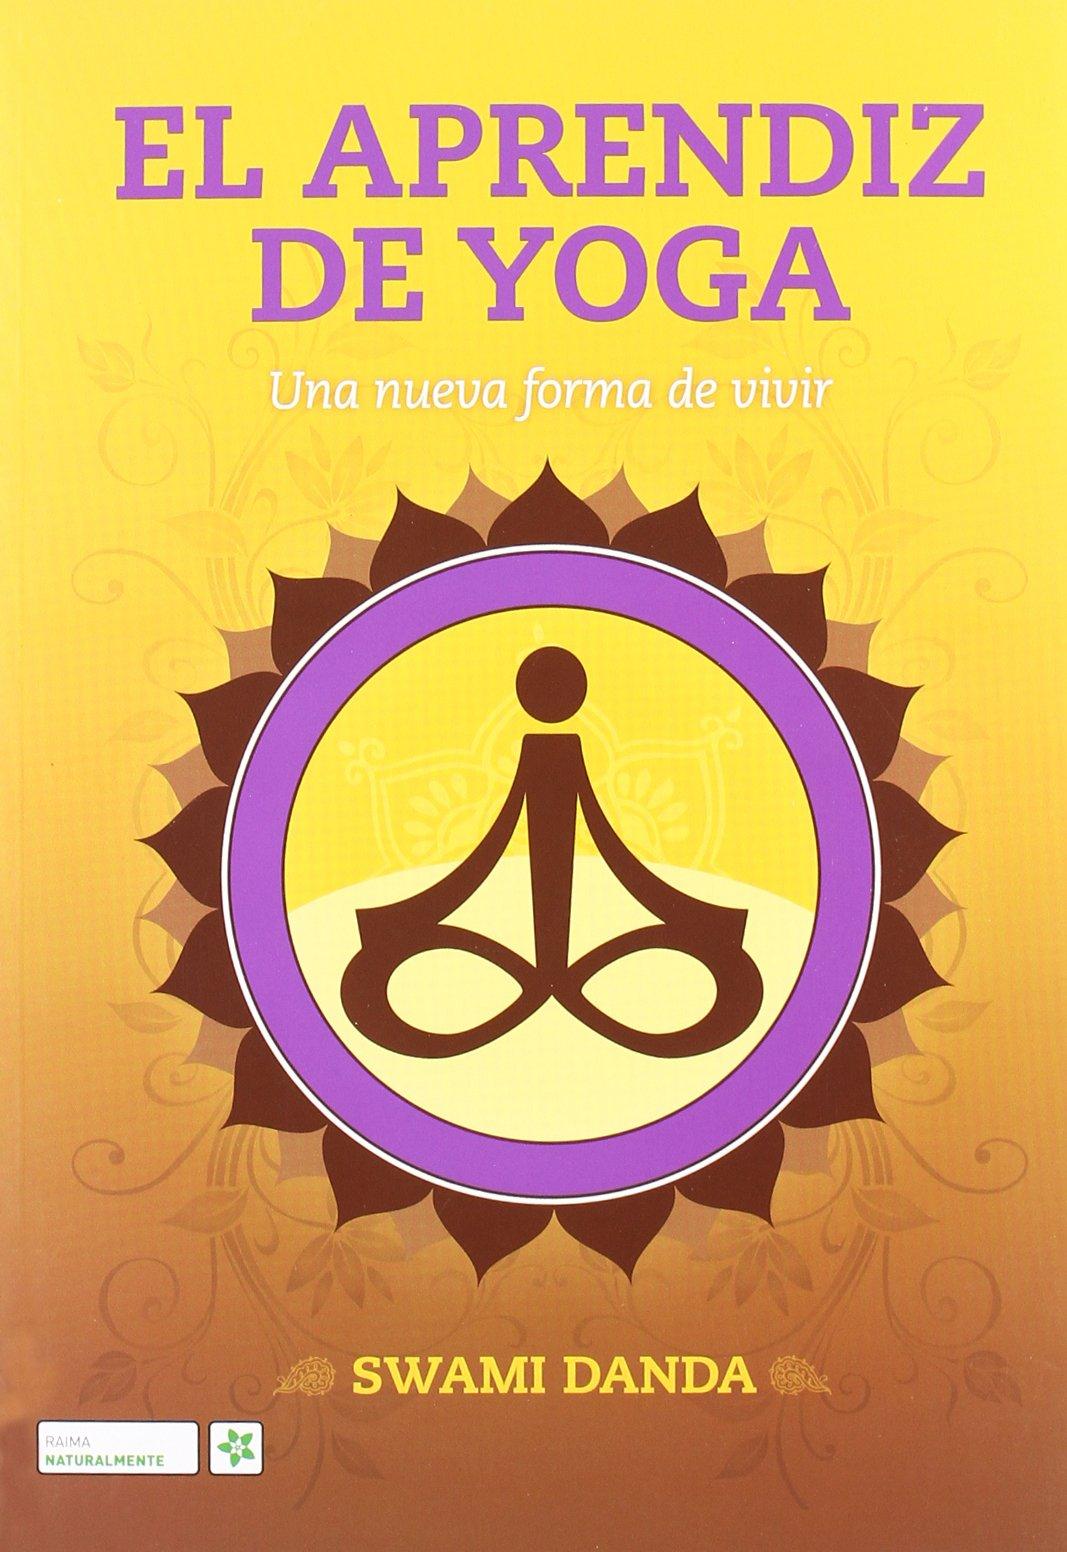 El aprendiz de Yoga : una nueva de vivir: Swami Danda ...